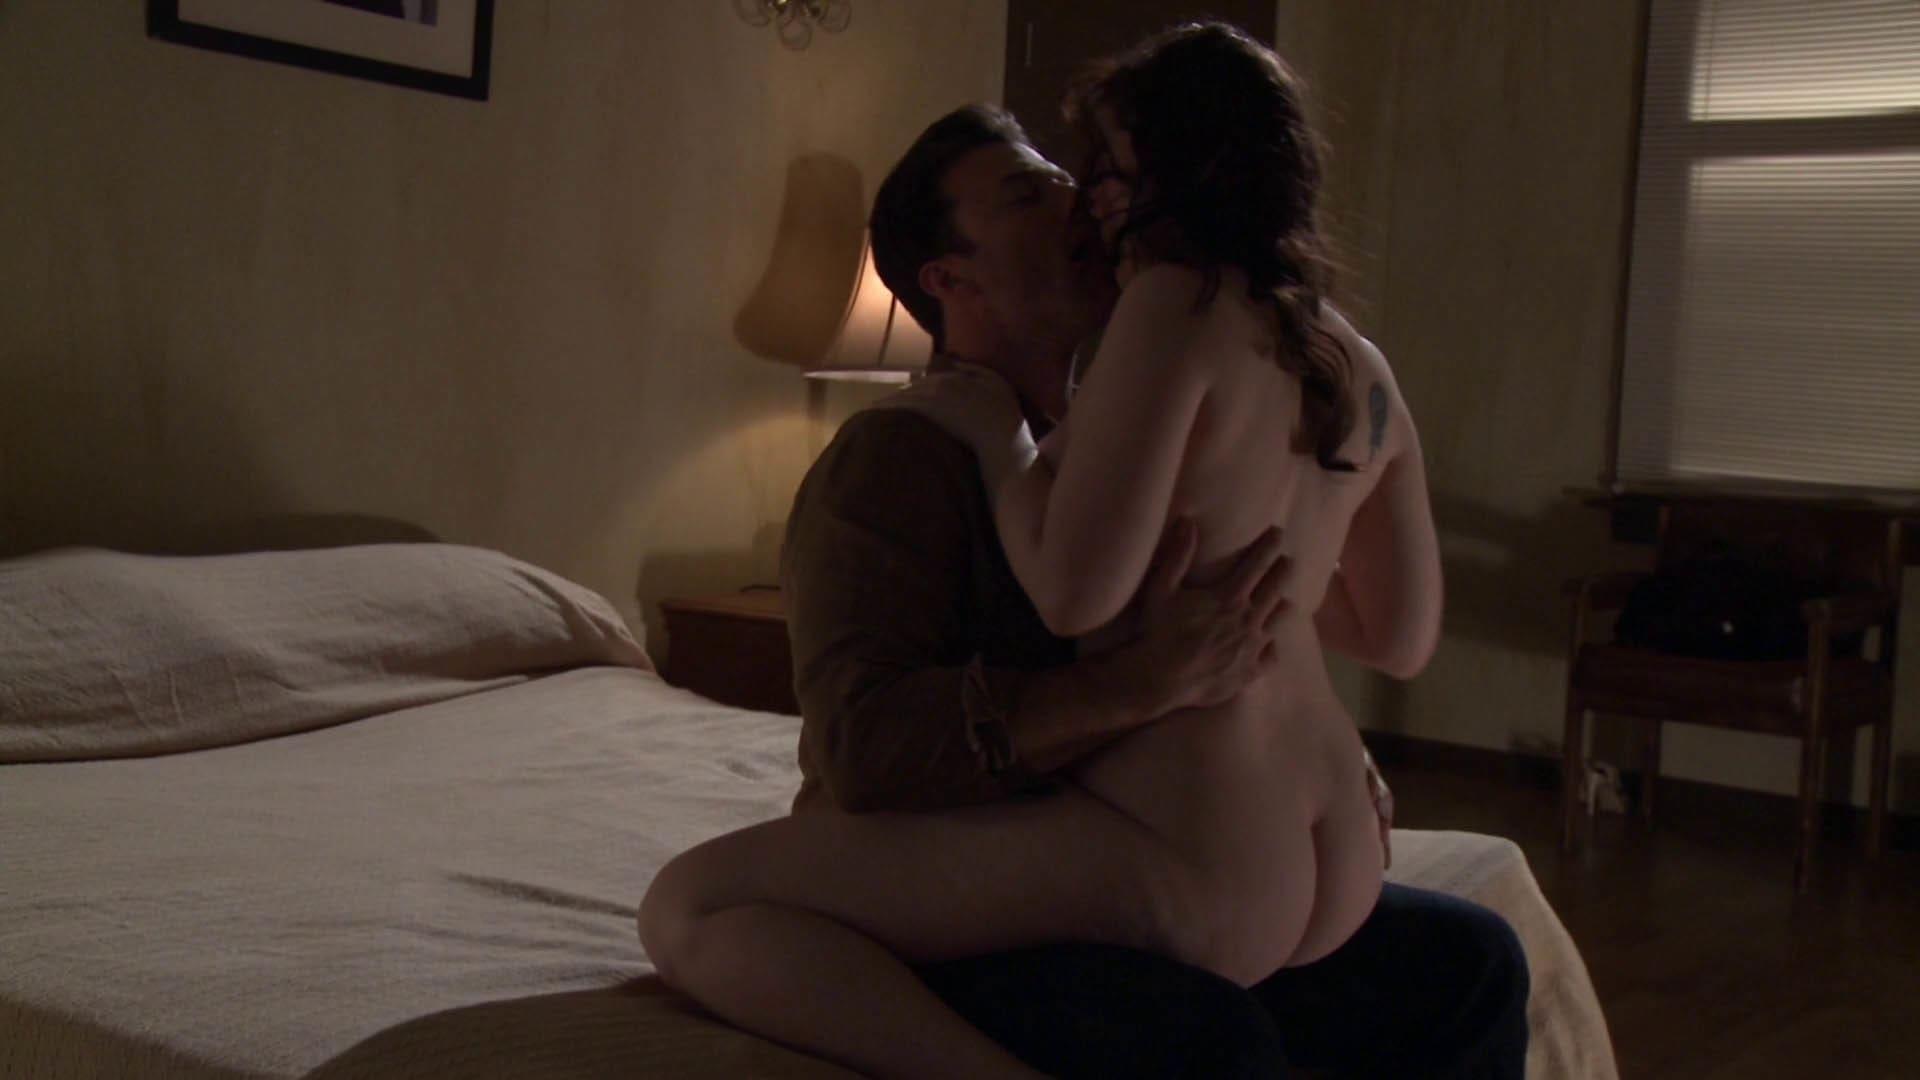 filmi-erotika-2017-hd